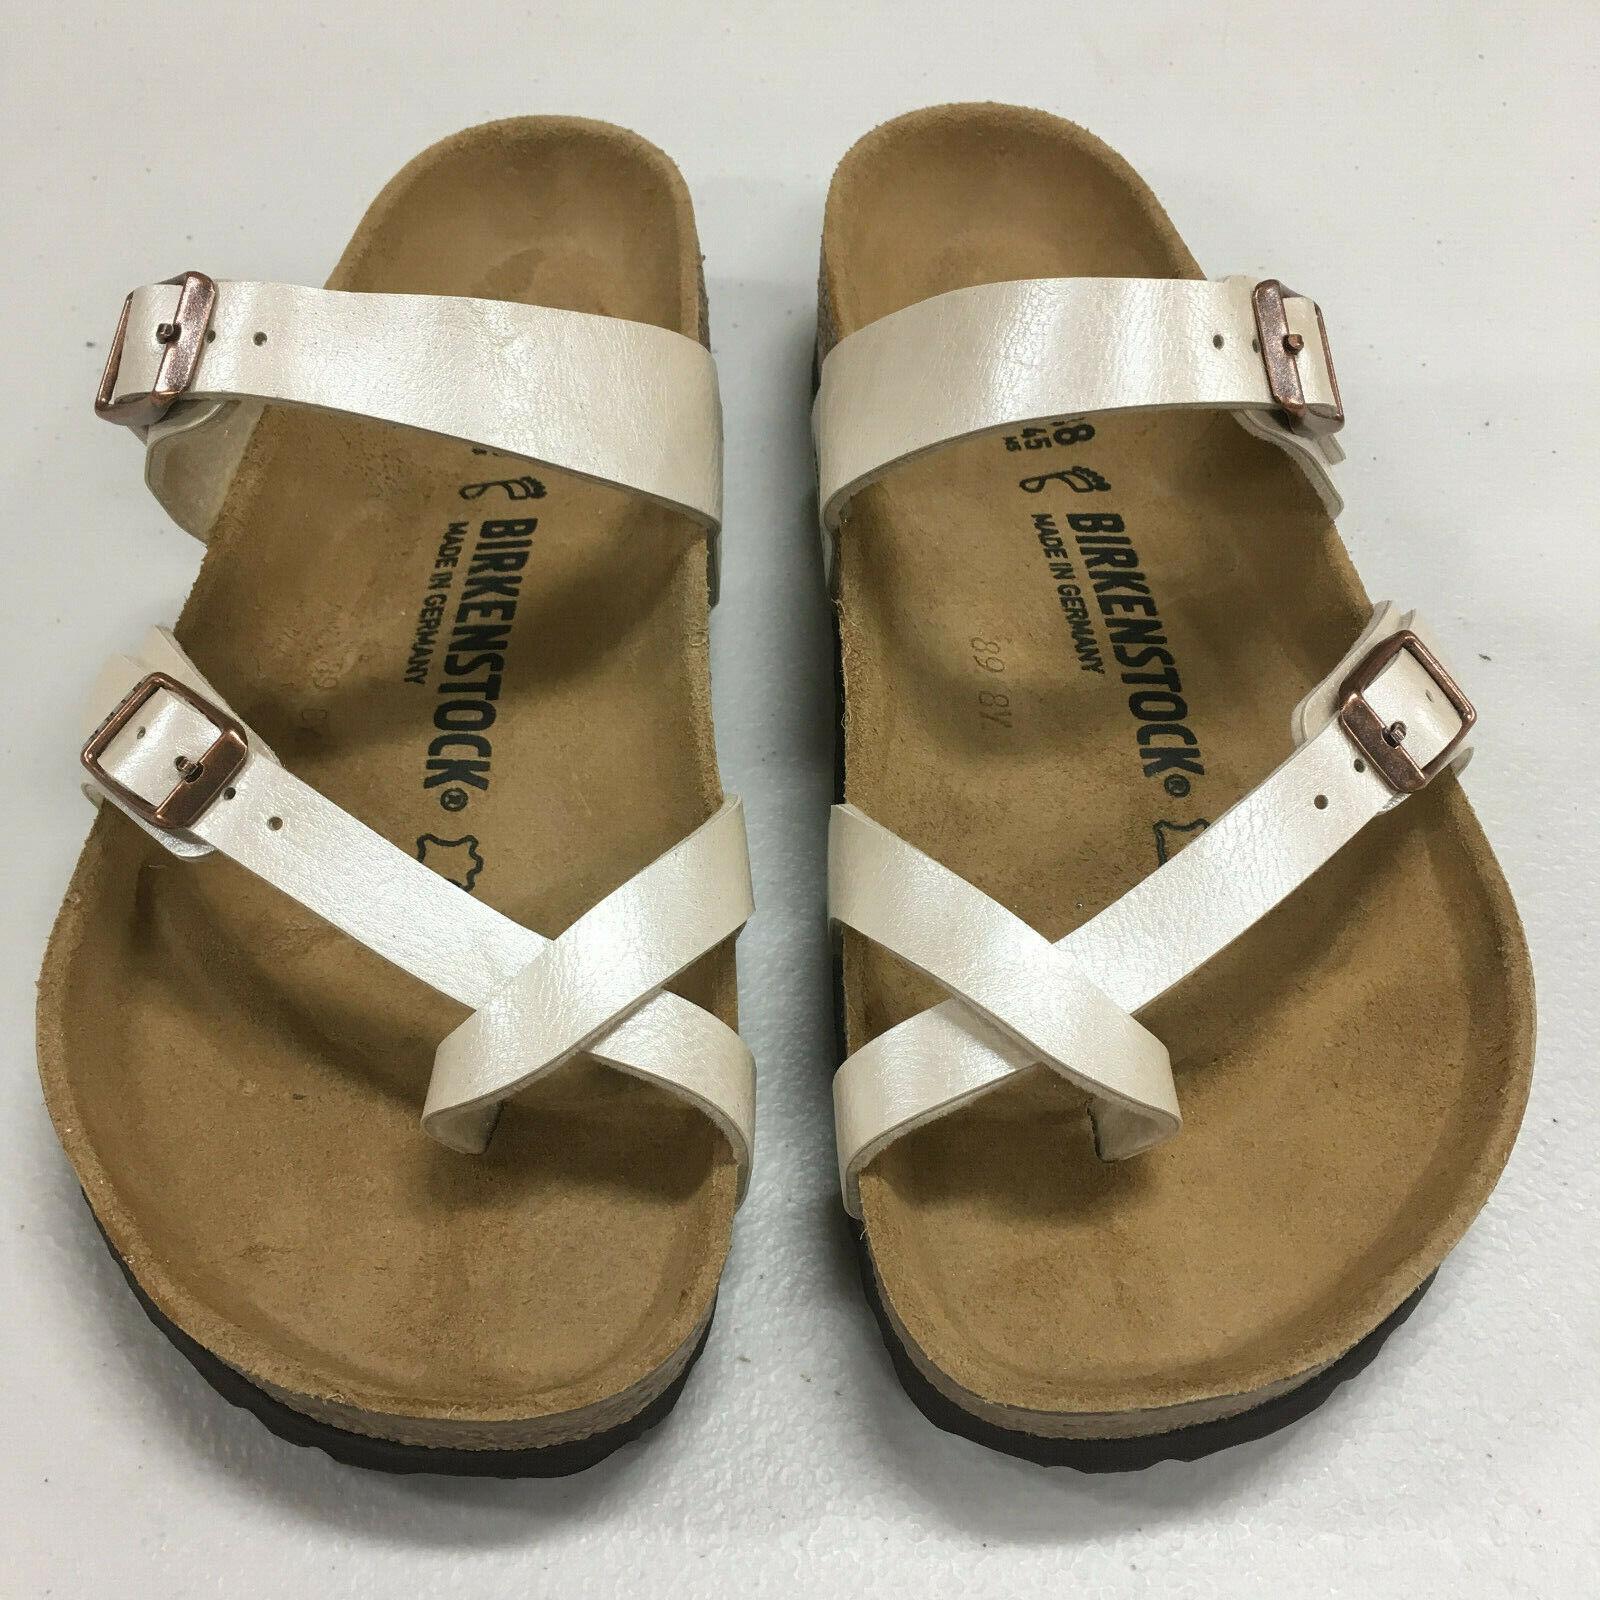 New in Box Original Birkenstock Mayari Graceful Pearl White Women Regular Sandal